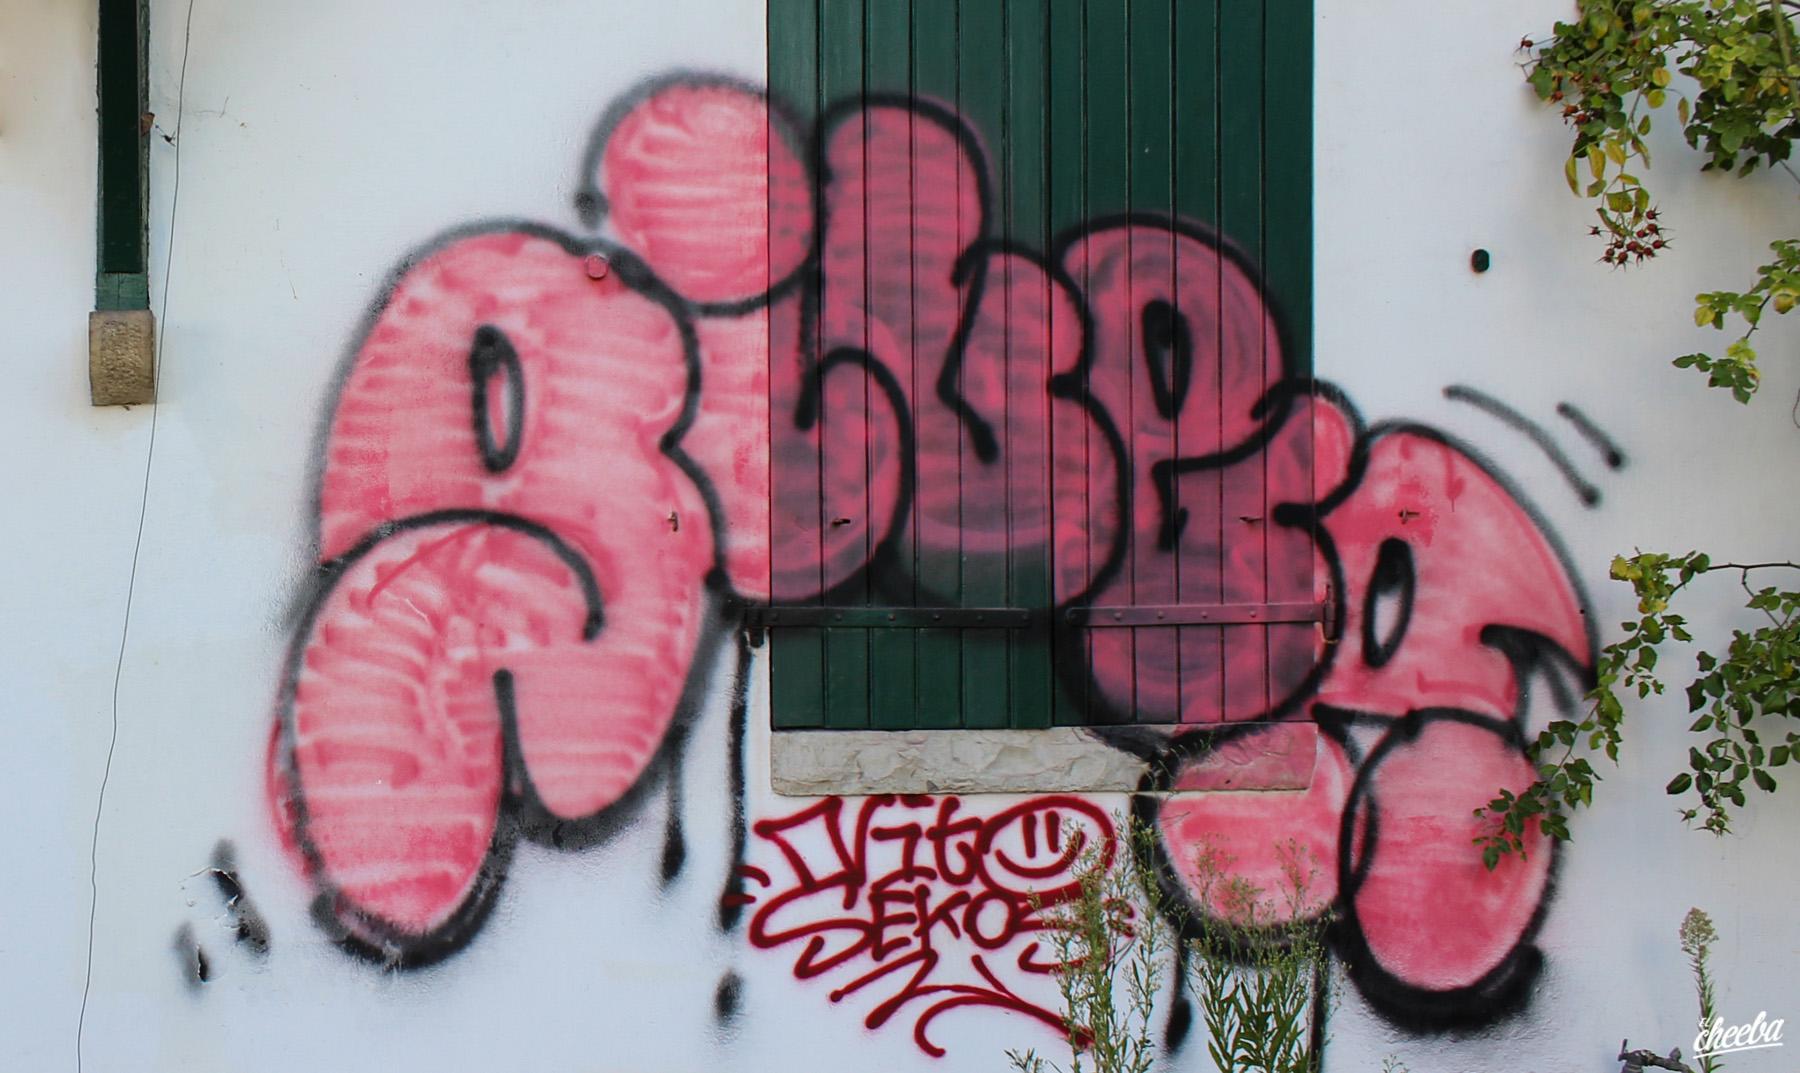 Urbex à la villa Vito Sekos, villa abandonnée à Biarritz - Urbex Alsace